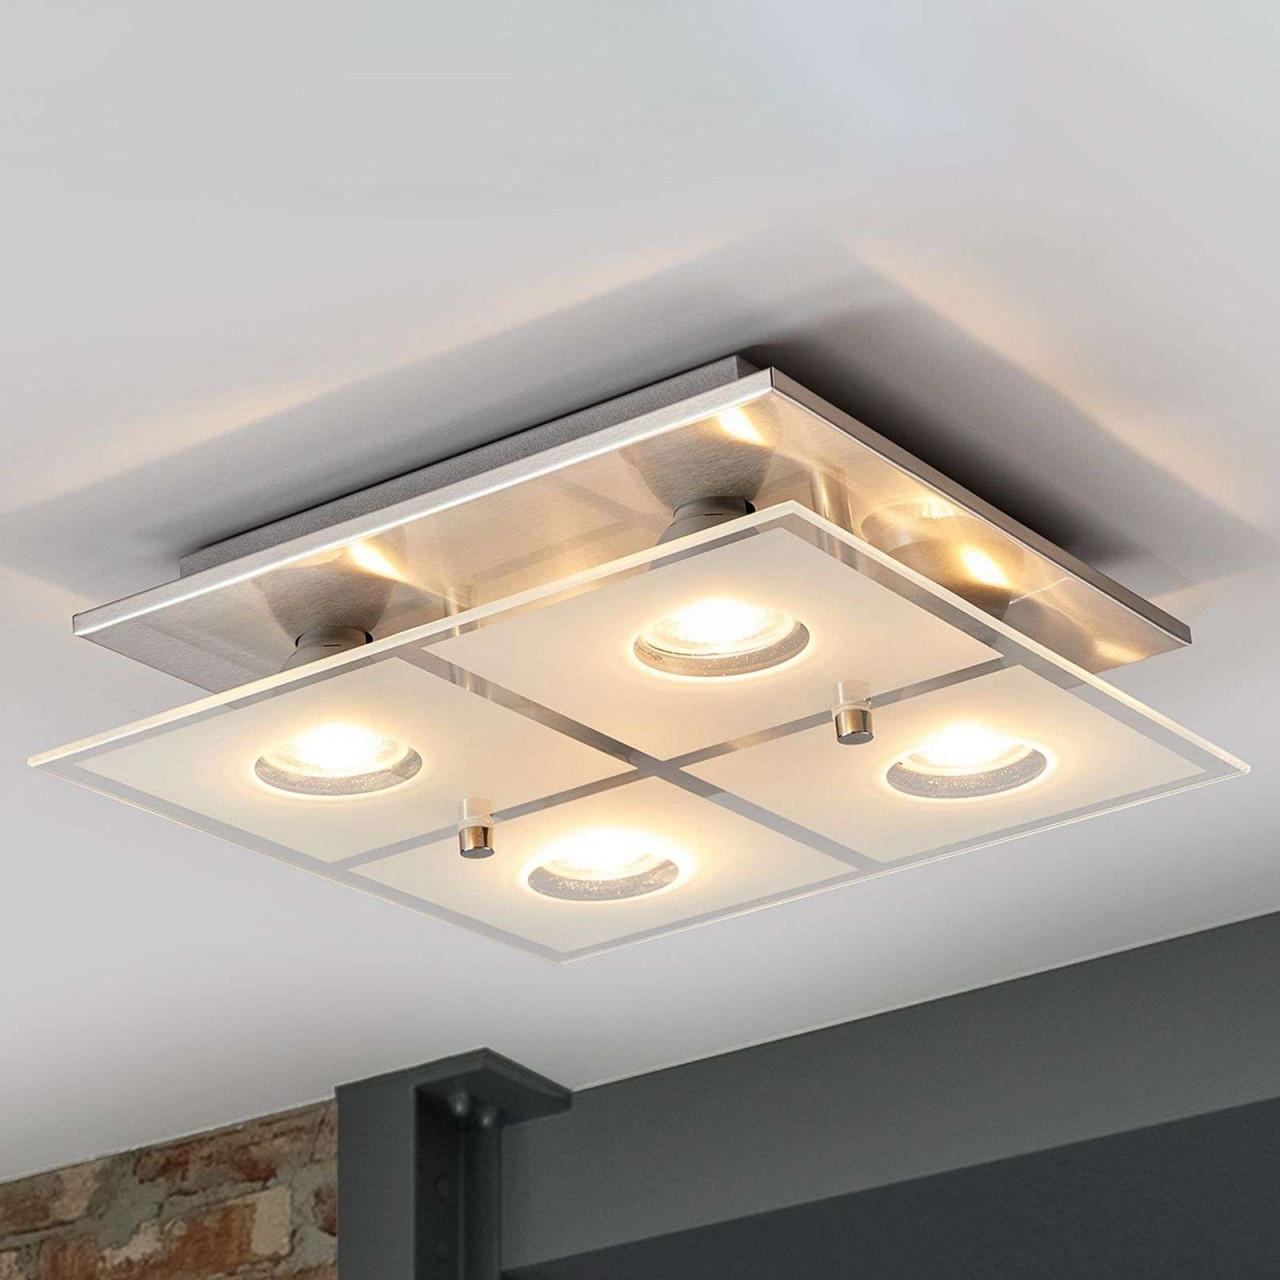 Deckenlampen Büro Günstig  Helle Deckenleuchte Wohnzimmer von Wohnzimmer Lampe Hell Bild